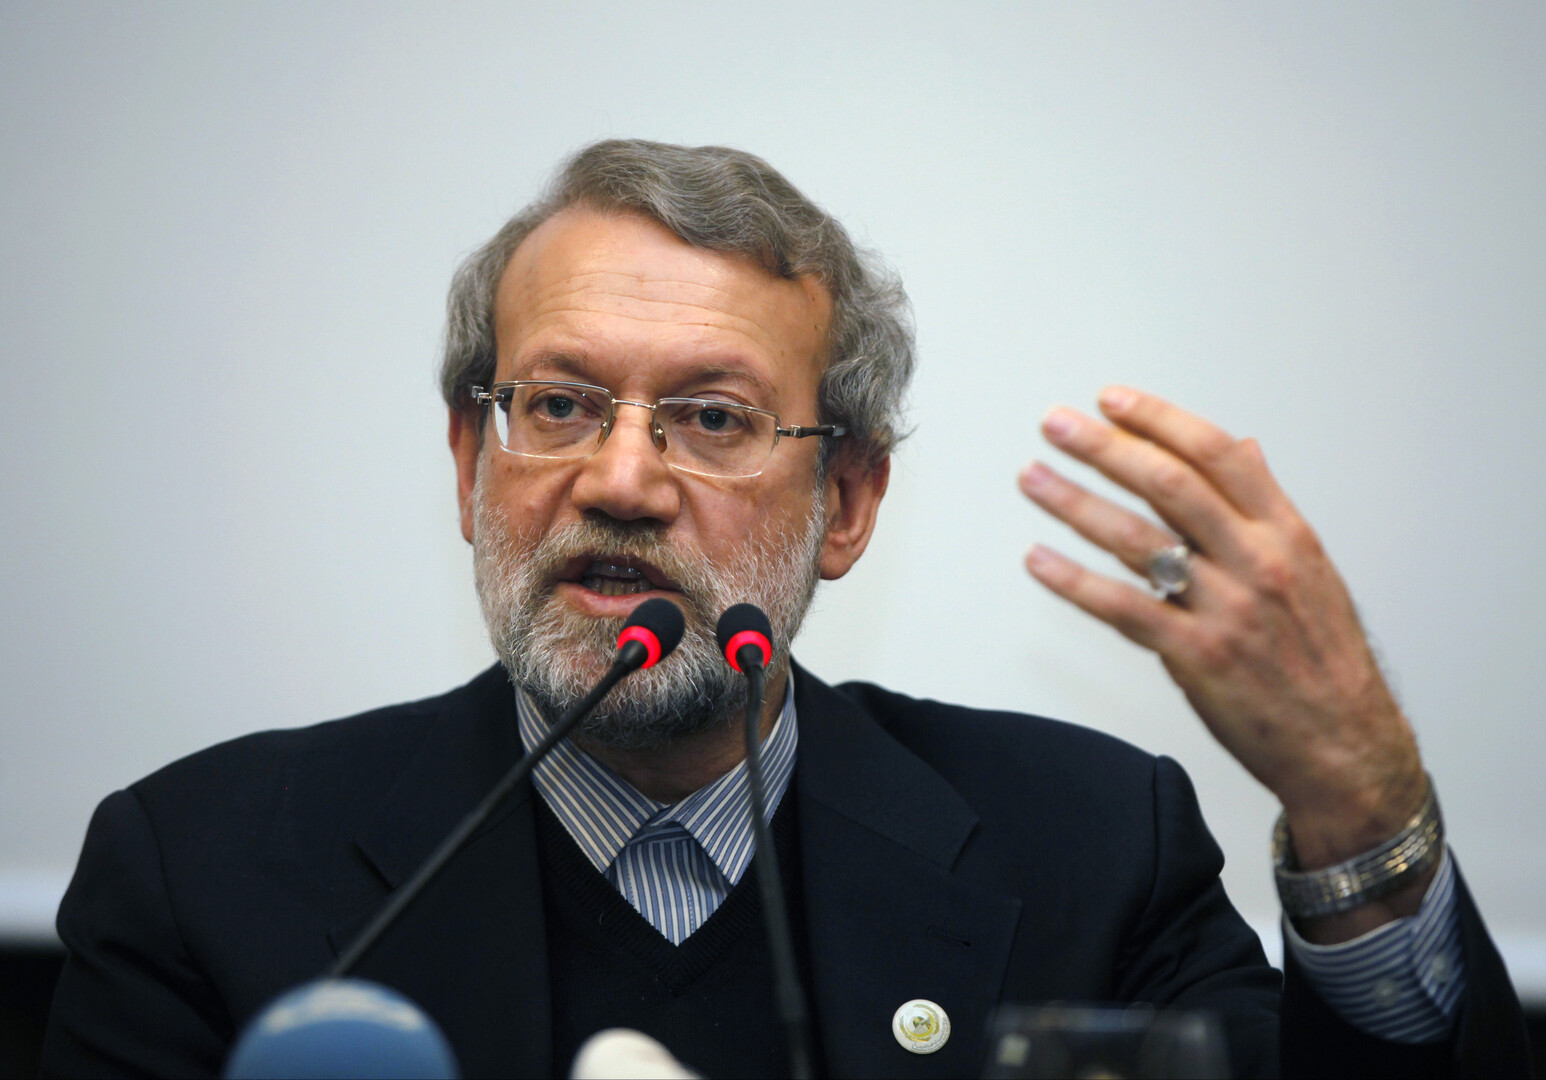 طهران ترحب بتصريحات محمد بن سلمان حول حل الخلافات بالحوار